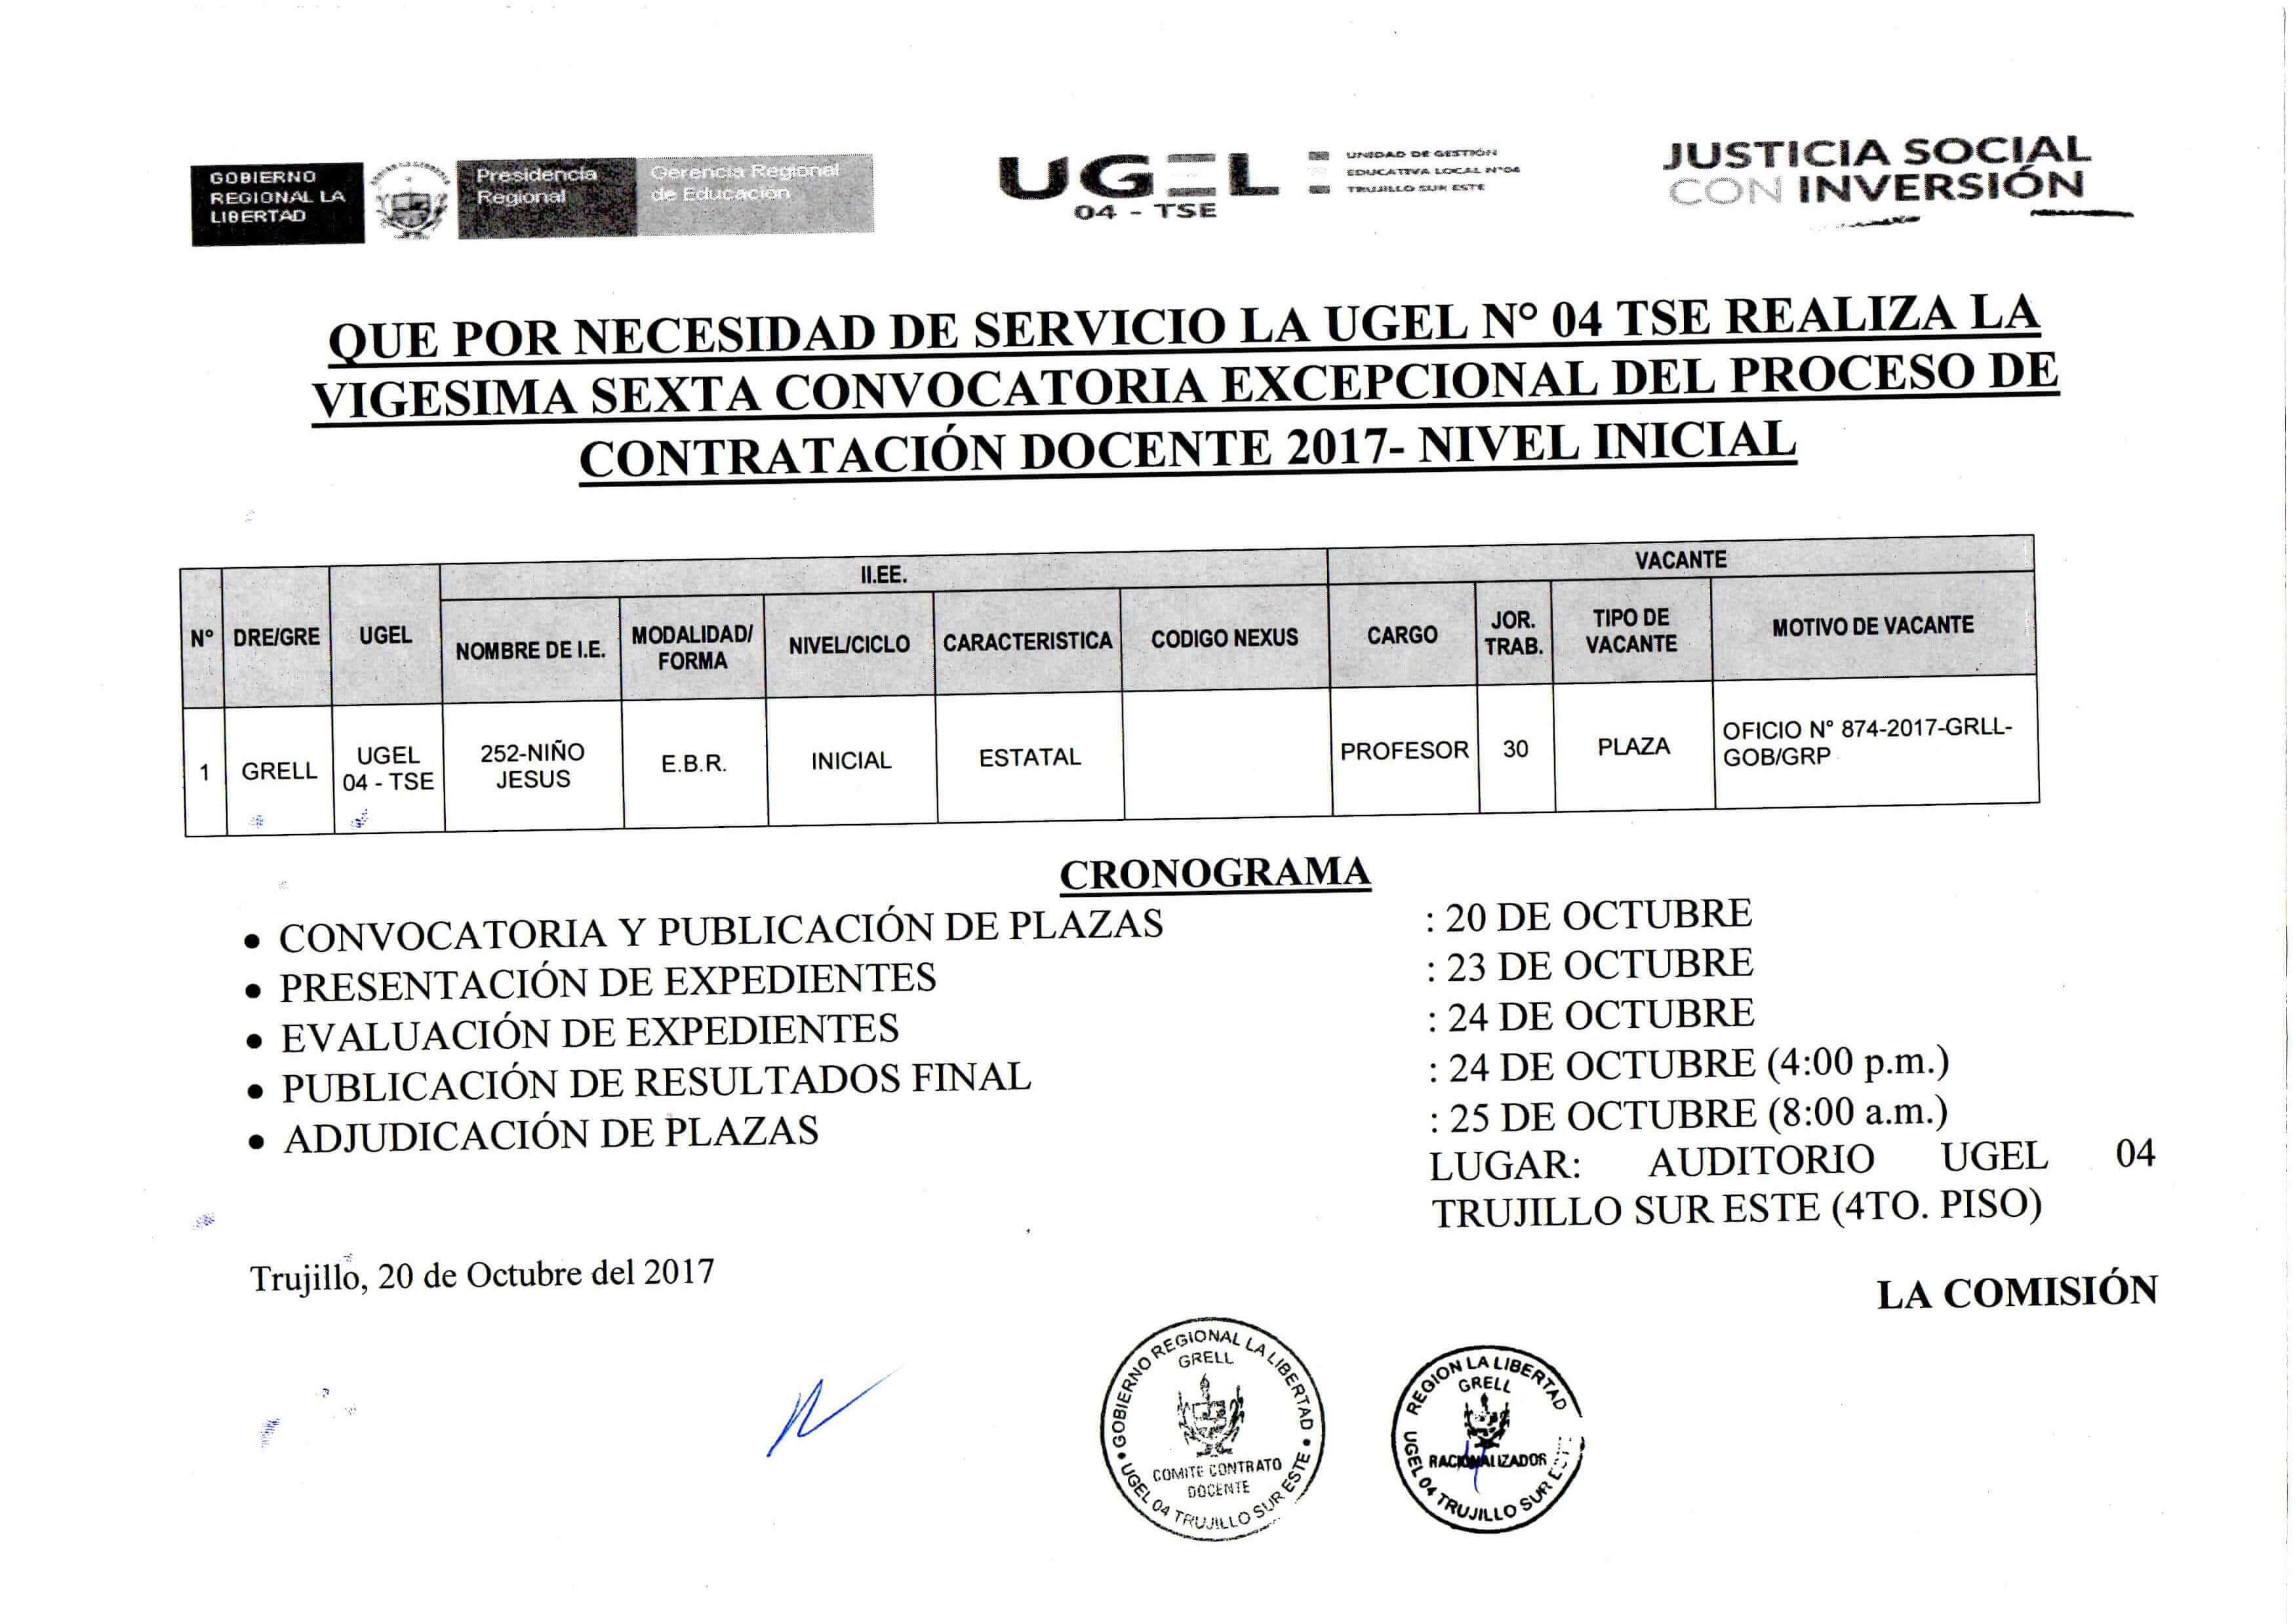 Vigesima sexta convocatoria excepcional del proceso de for Convocatoria de docentes 2017